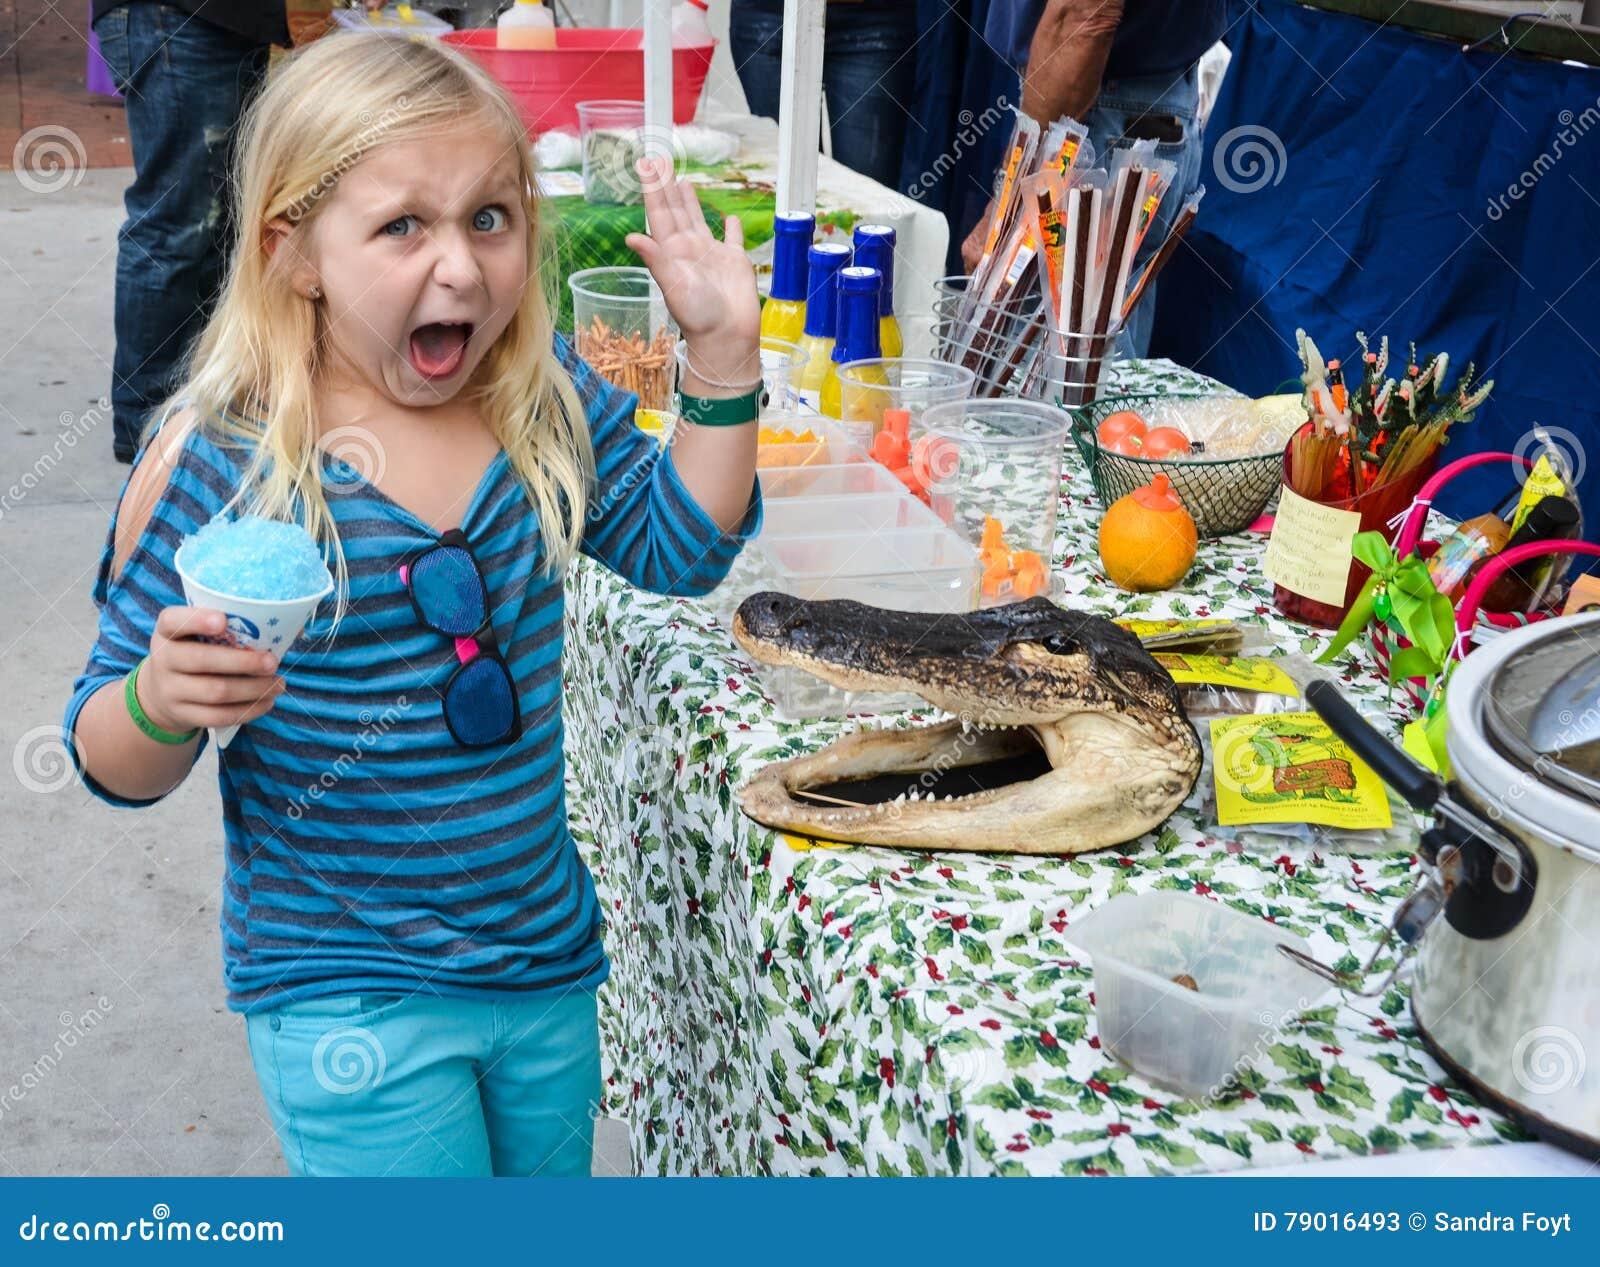 Little Girl Horrified by Alligator